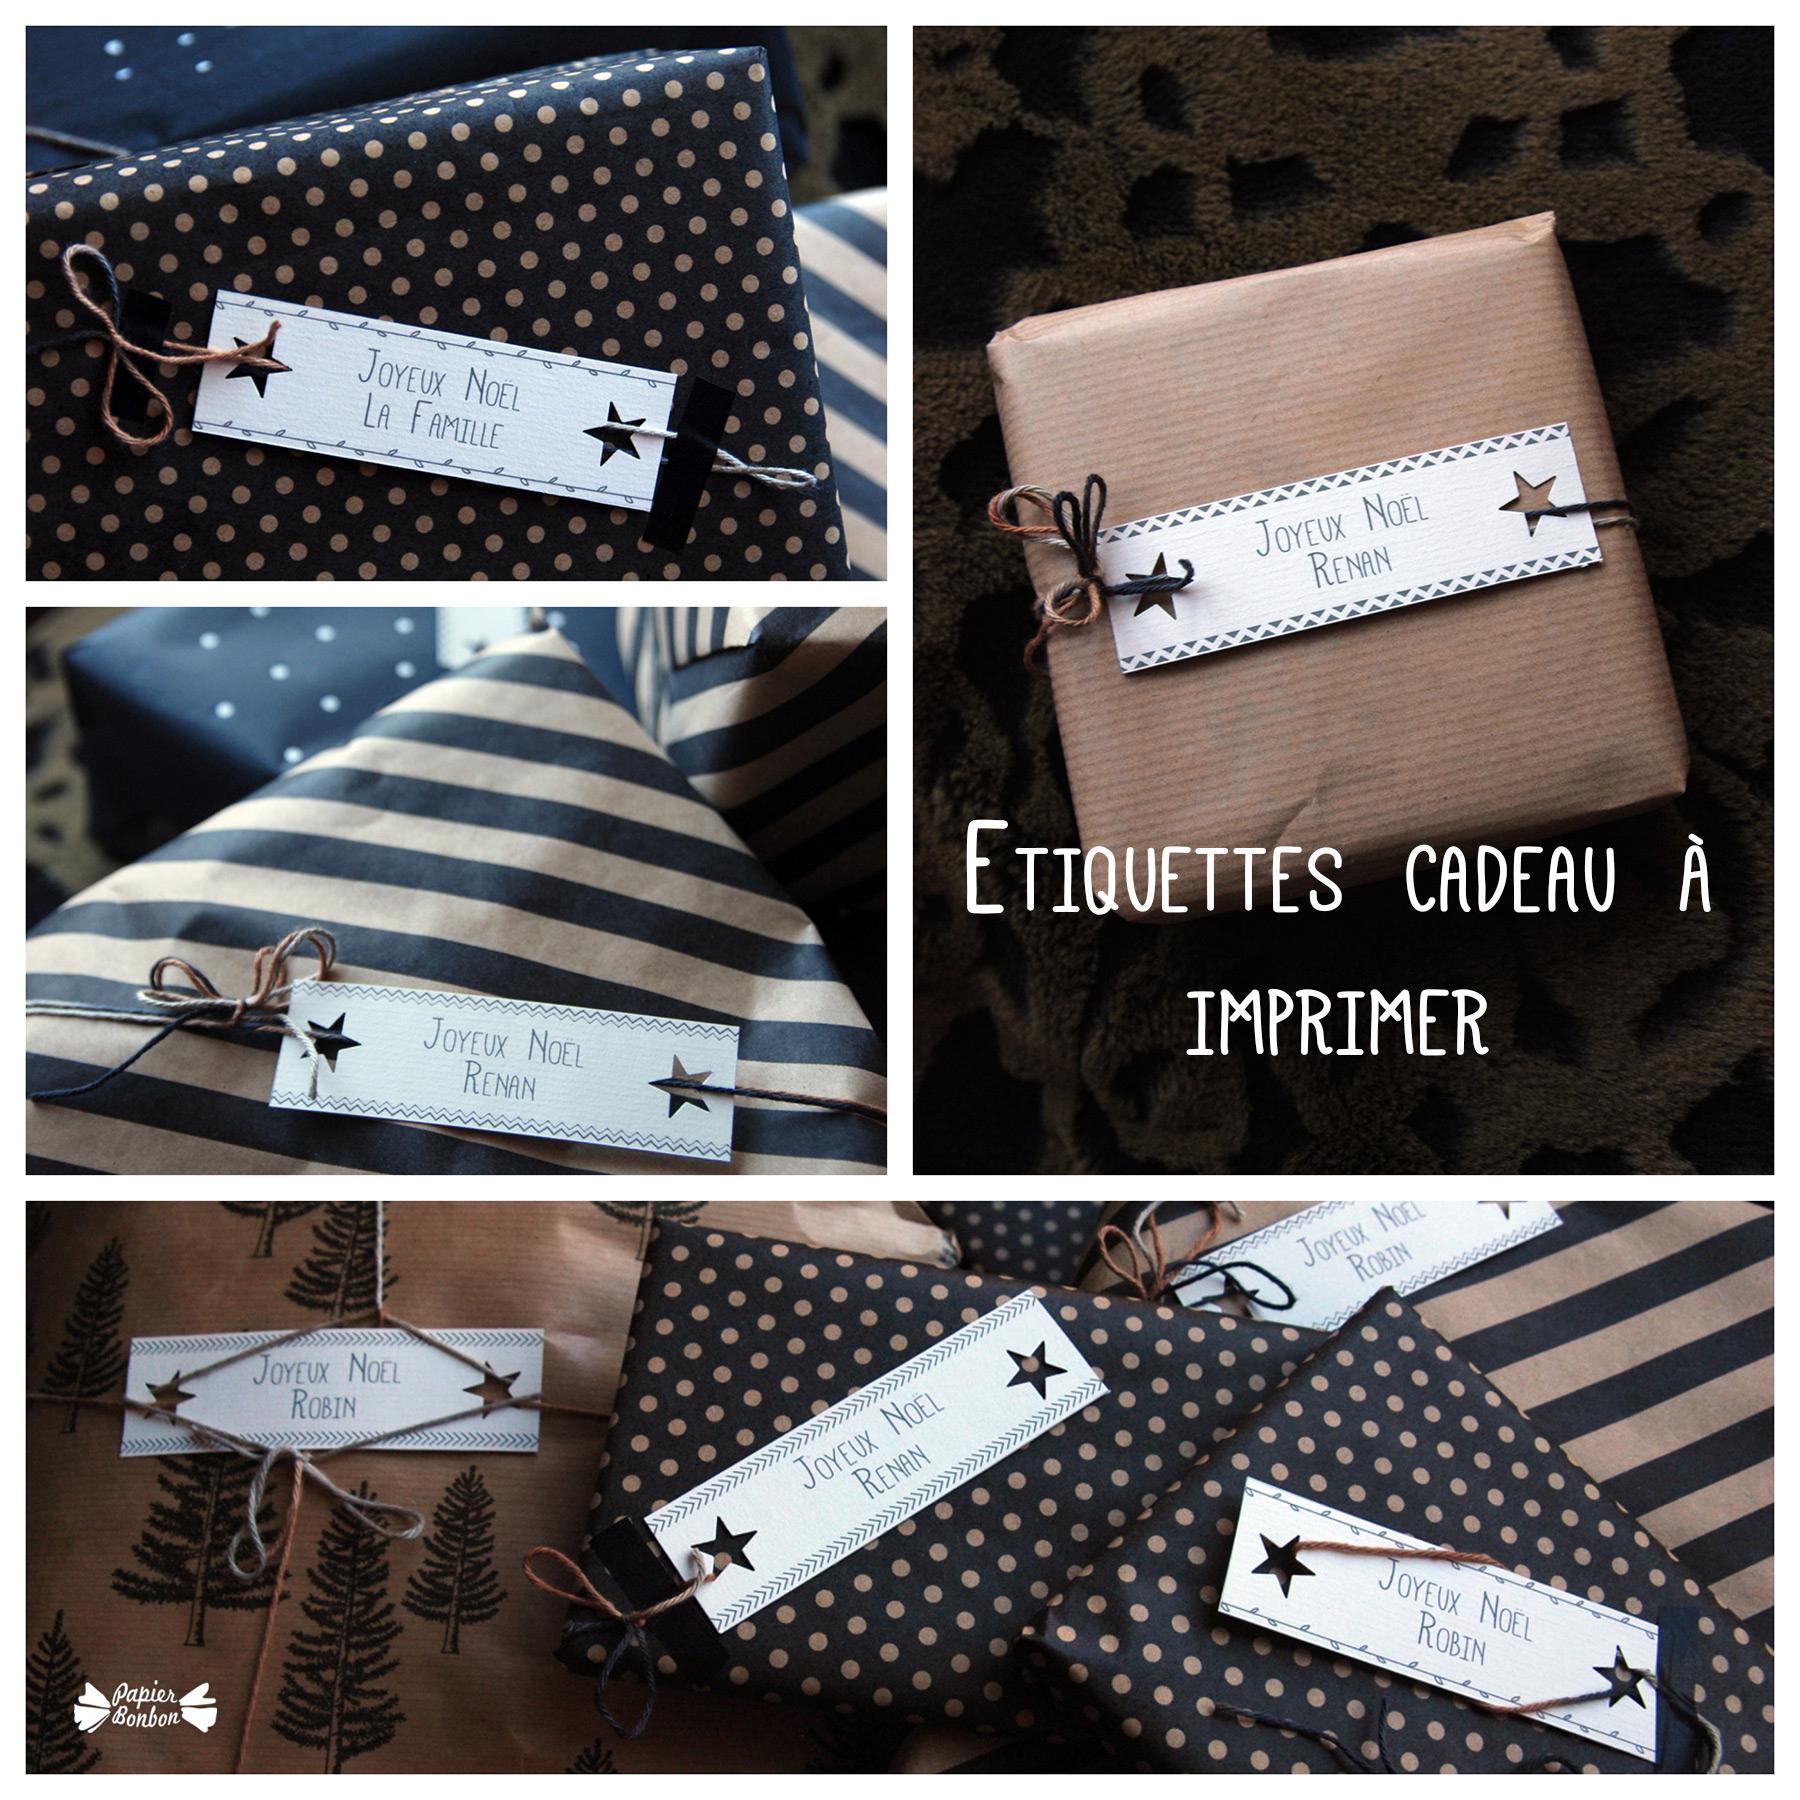 Cadeau : Etiquettes De Noël À Imprimer - Papier Bonbon encequiconcerne Etiquette Cadeau Noel A Imprimer Gratuitement